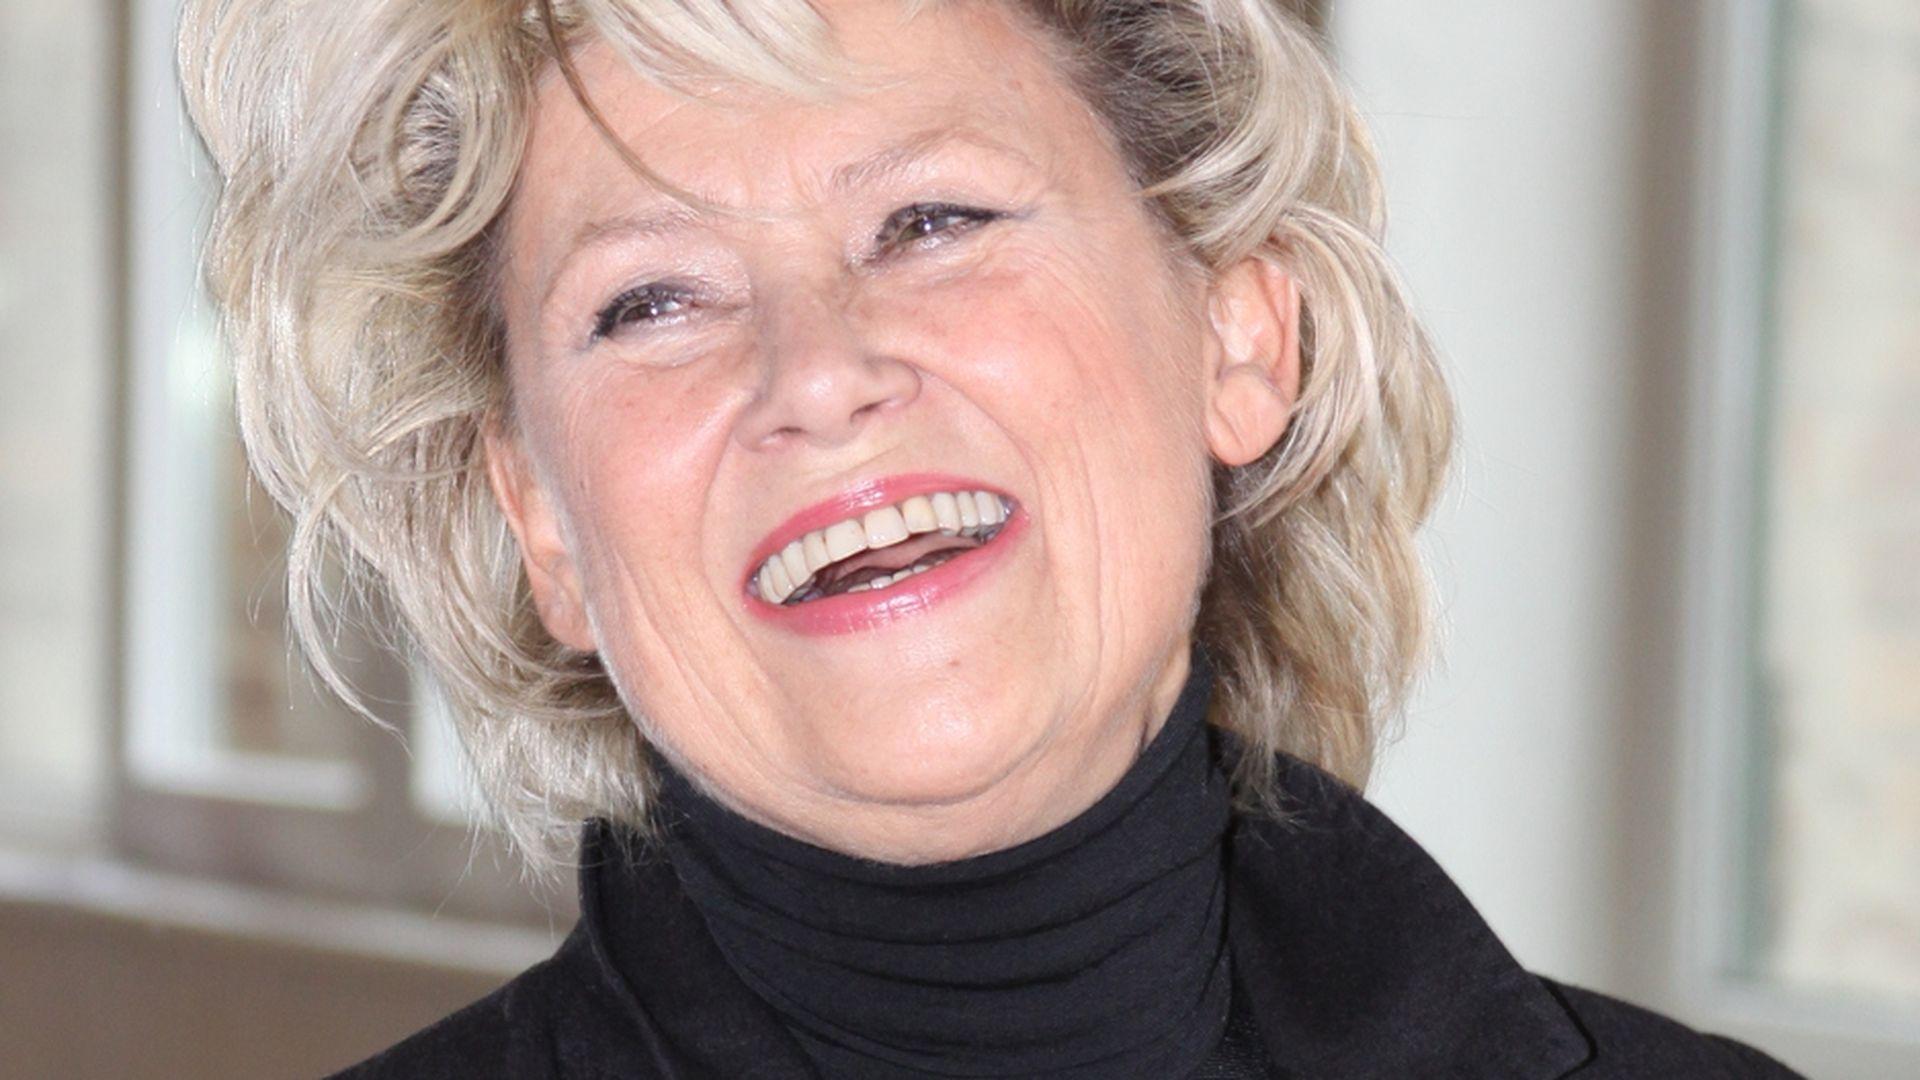 Gitte Haenning: Tanz-Training trotz Schamgefühlen